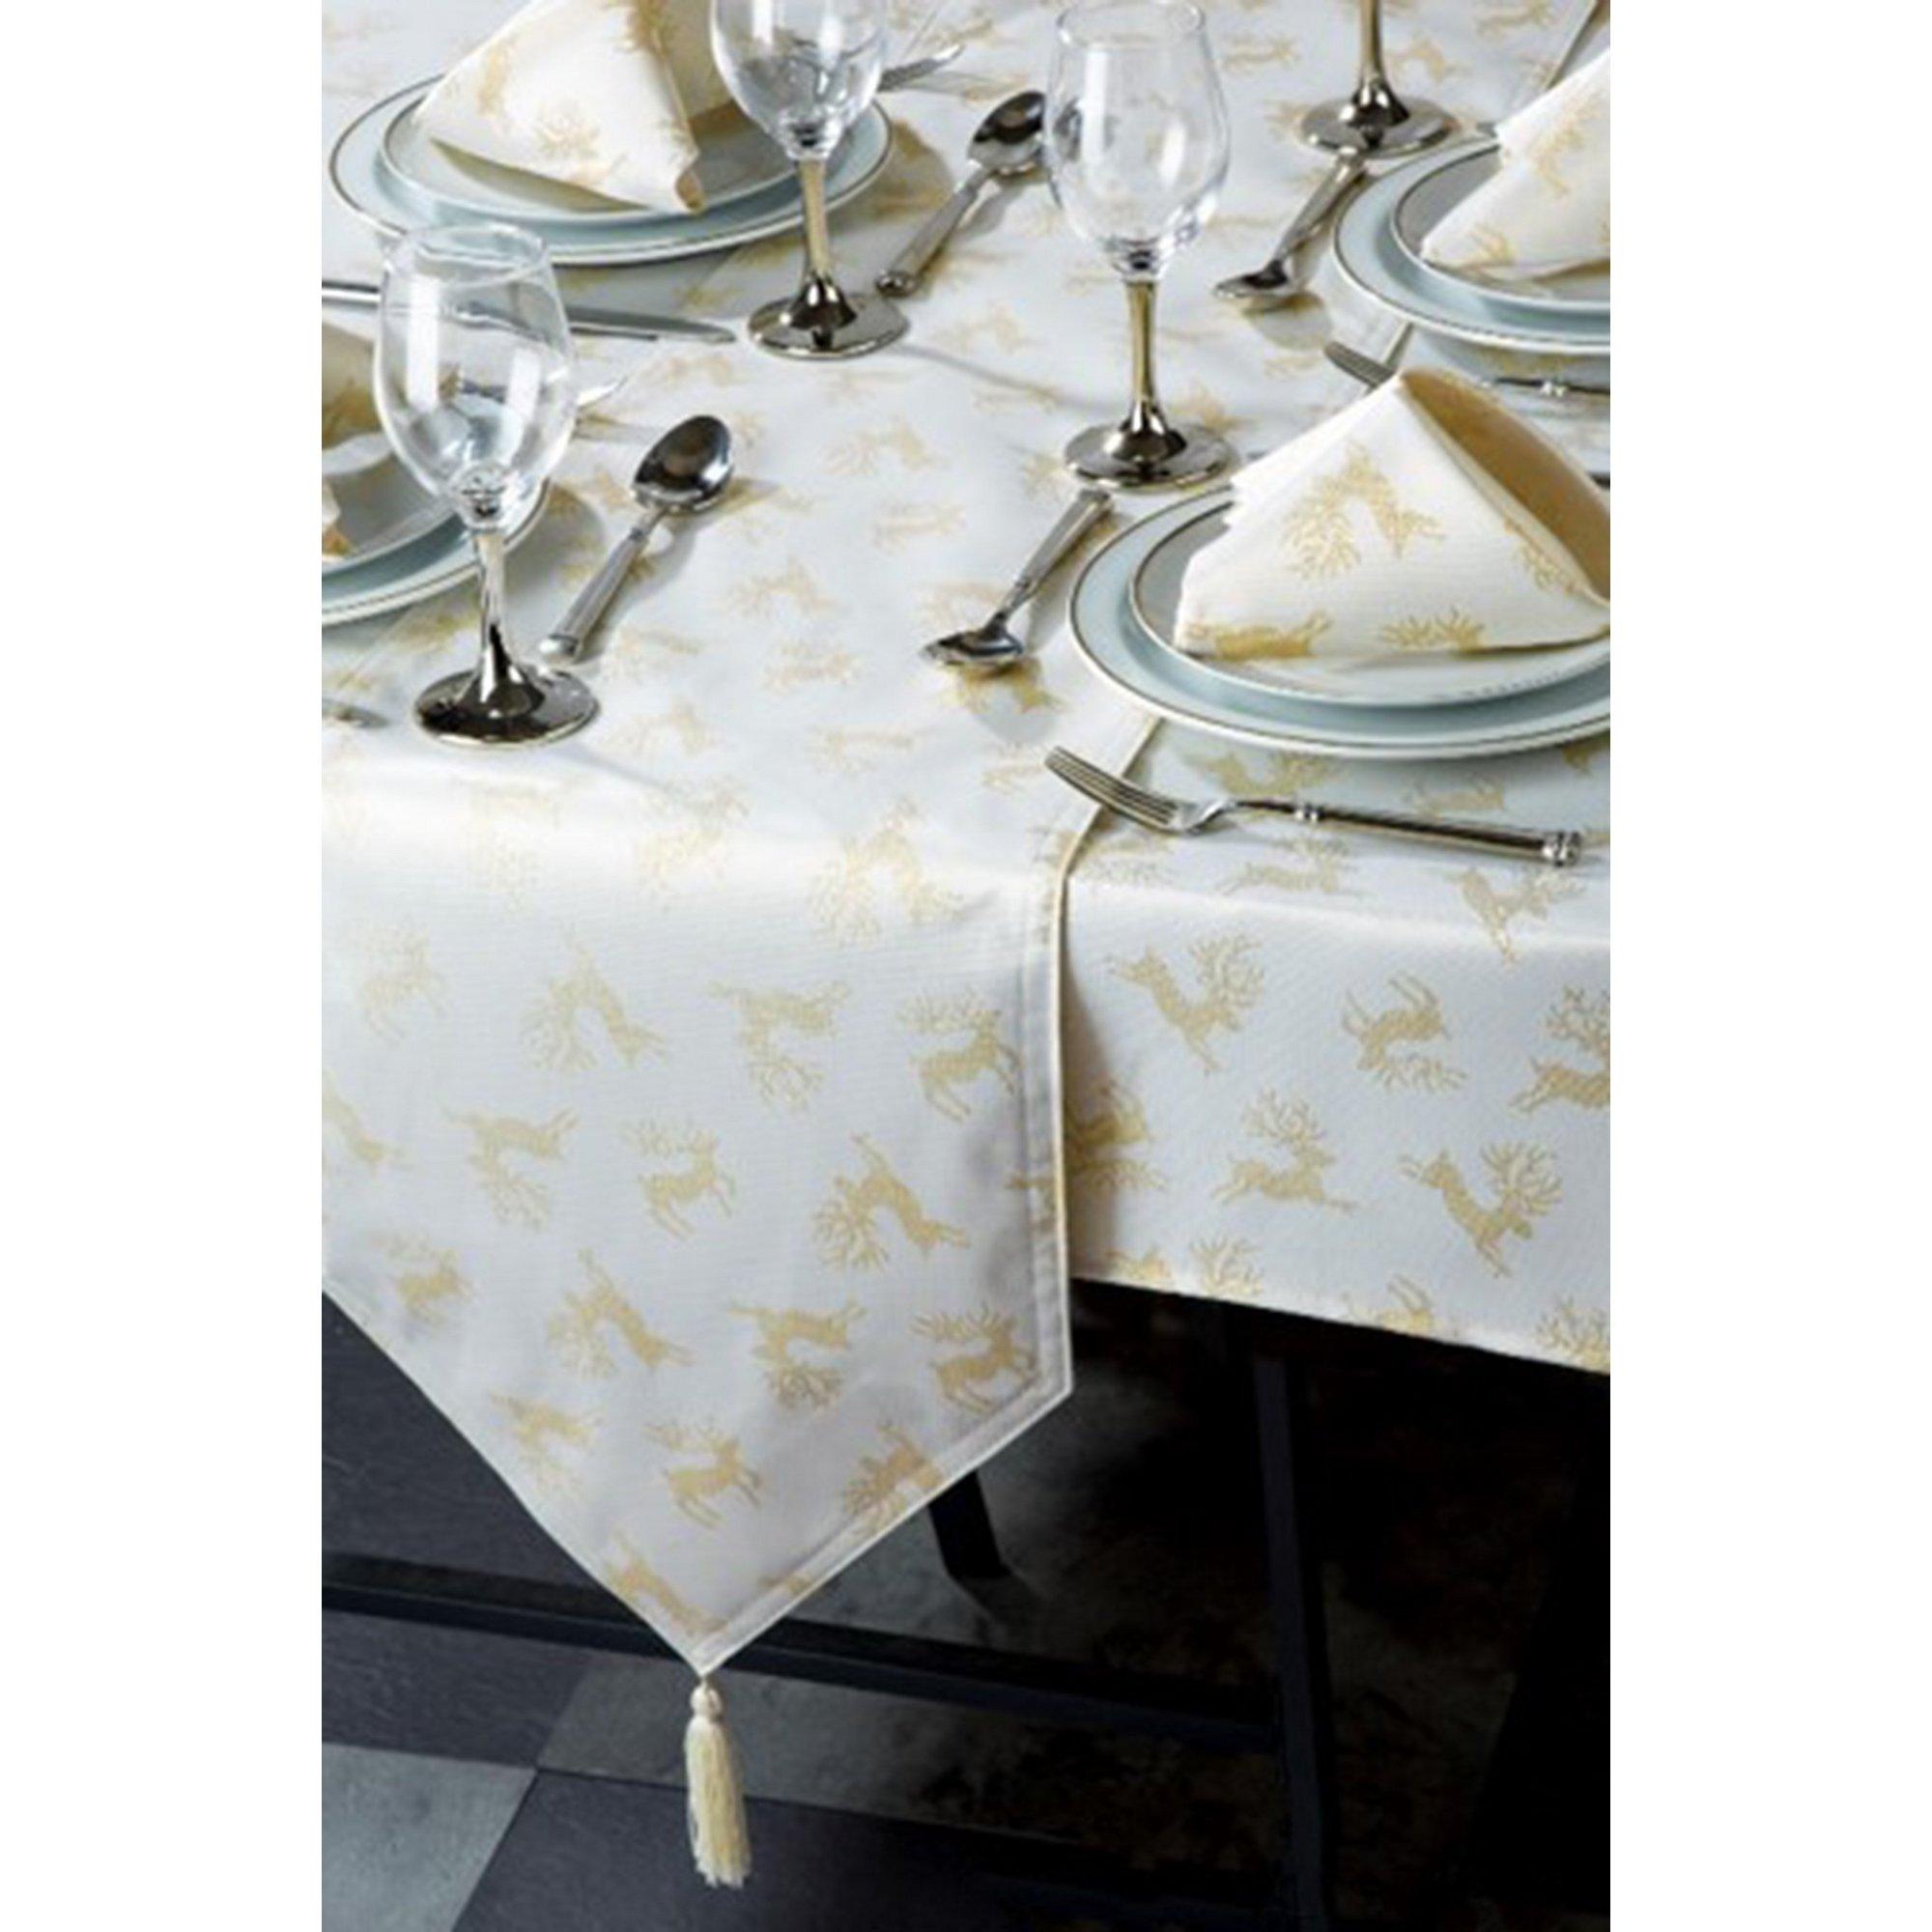 Image of 10 Piece Reindeer Table Linen Set